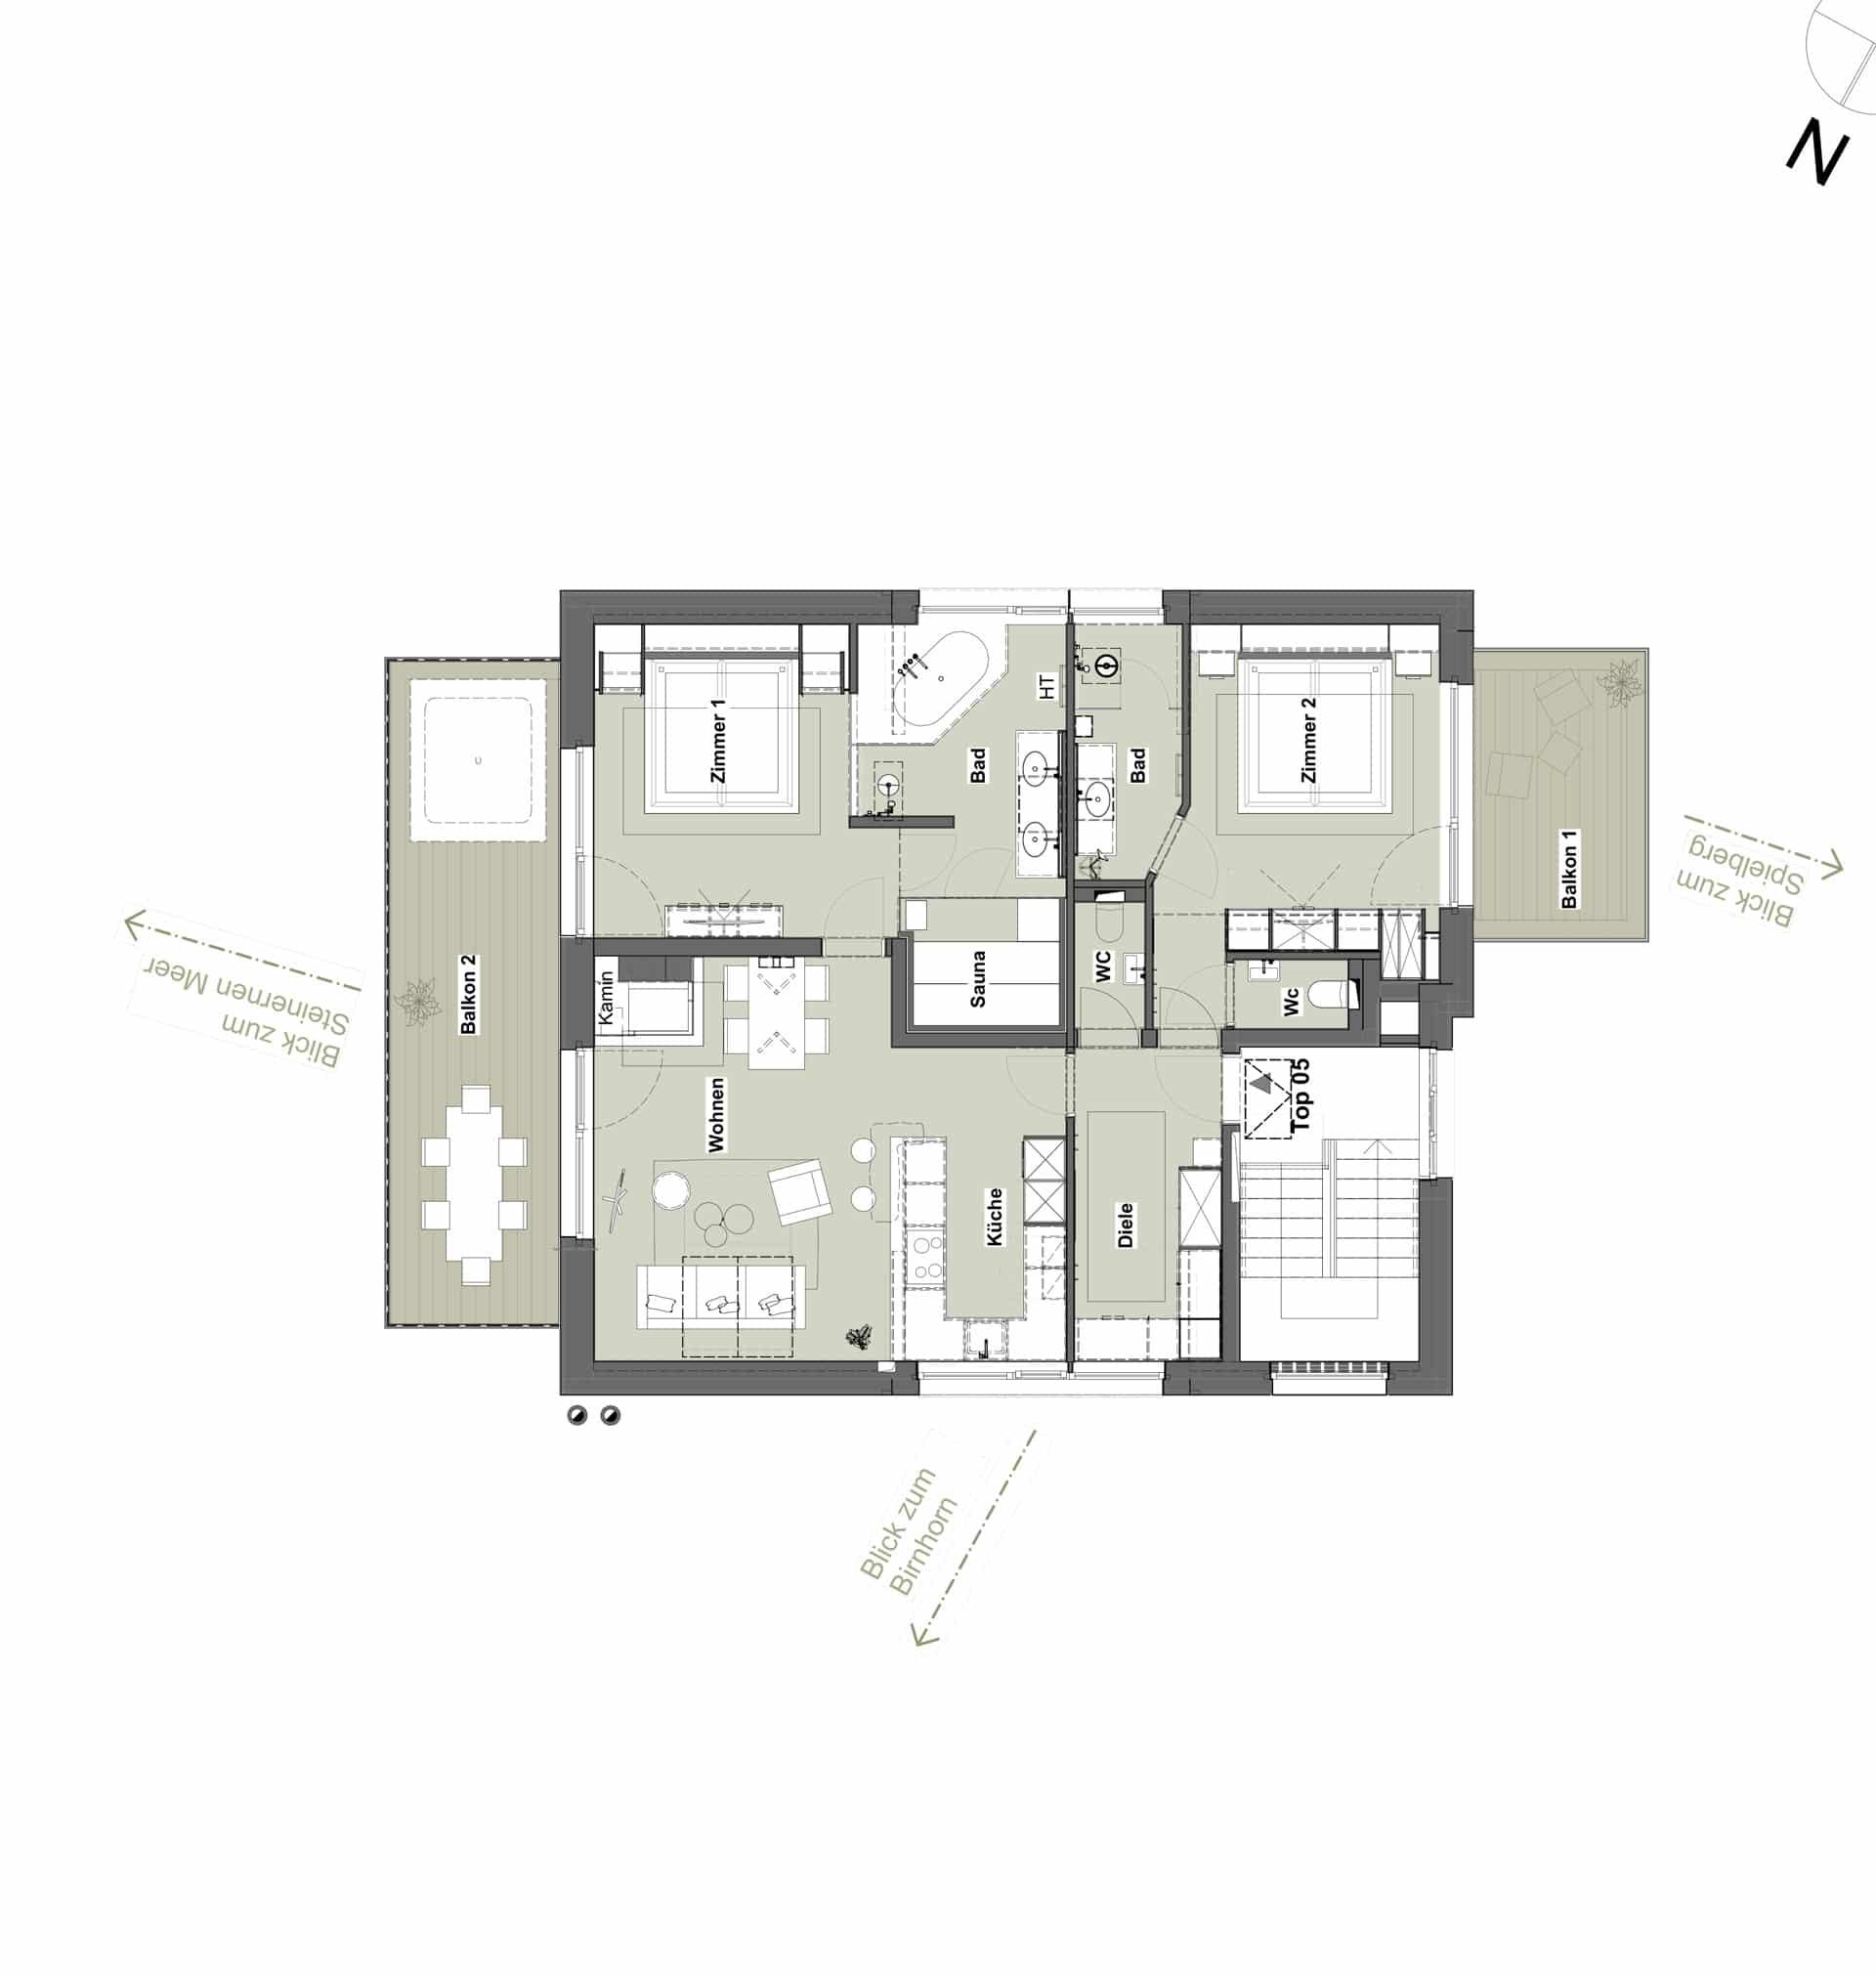 Grundriss Appartement Top 05 - Meer.Blick